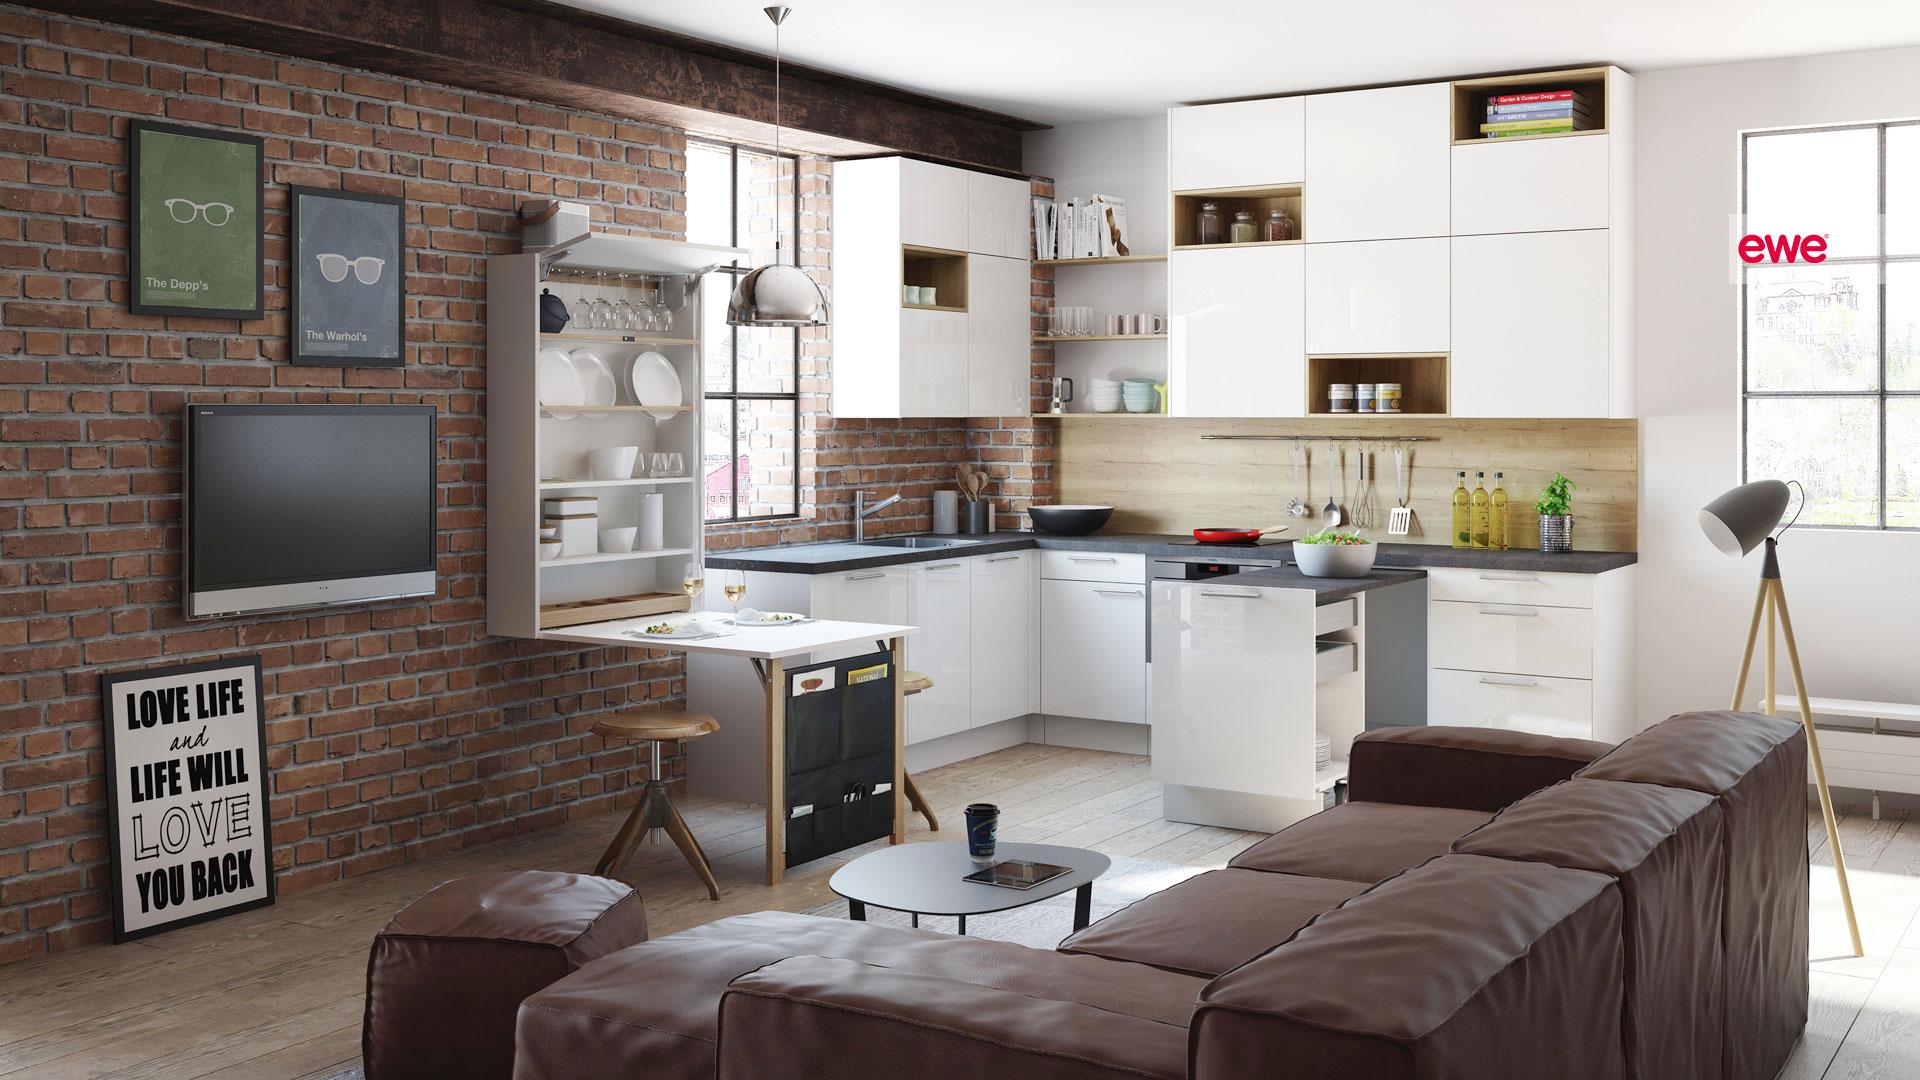 ewe moderne kleine Küche Miele Center Pellet Wien